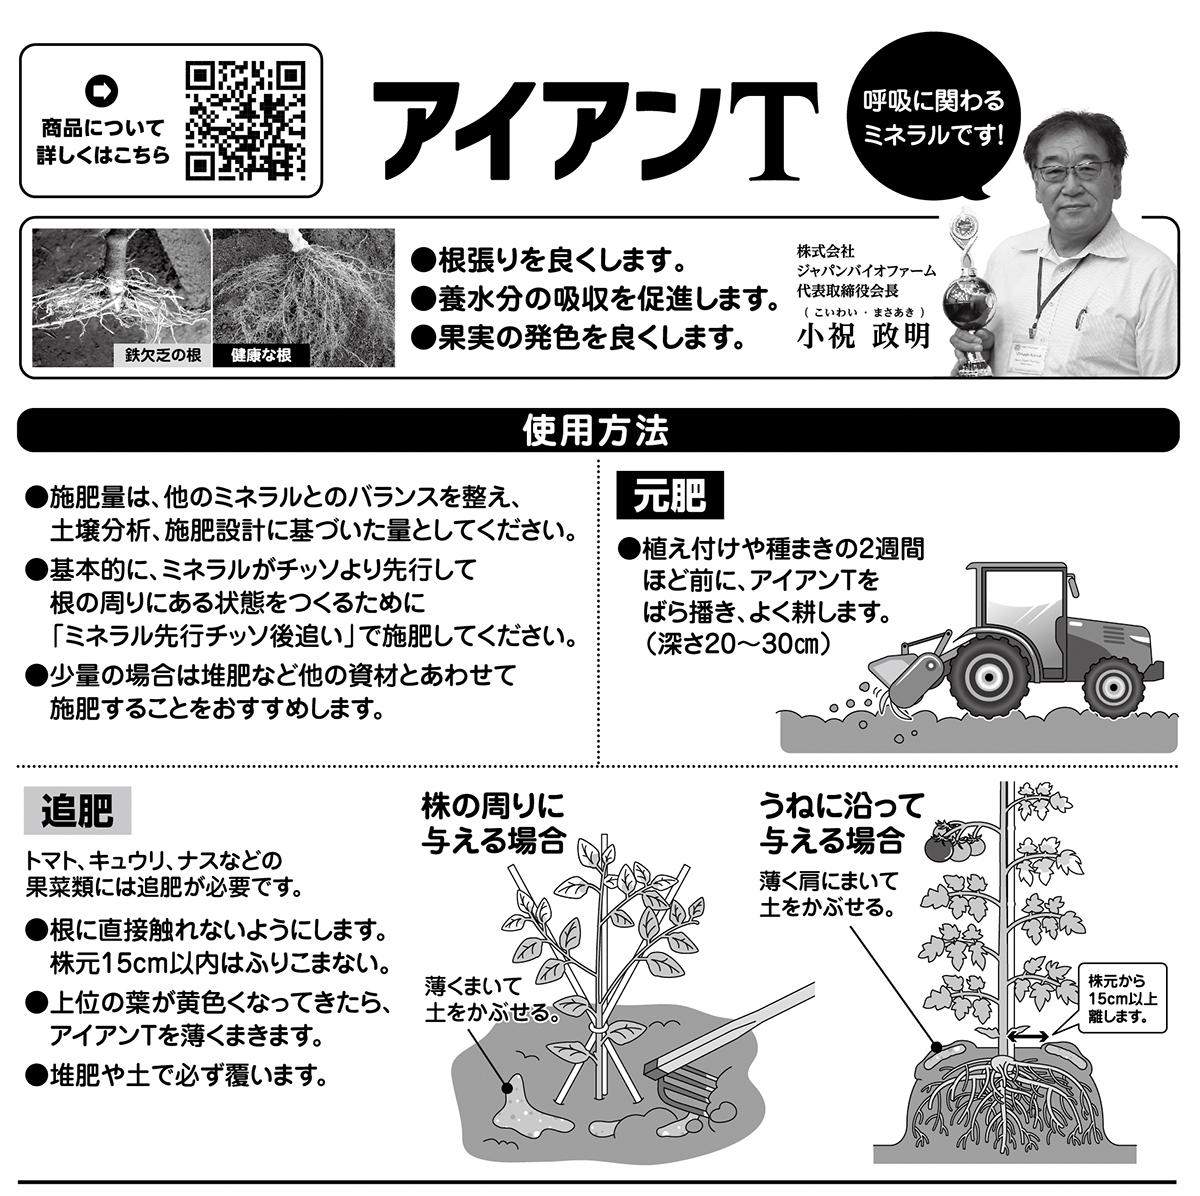 ミネラル肥料「アイアン(鉄)パワー(アイアンT)」